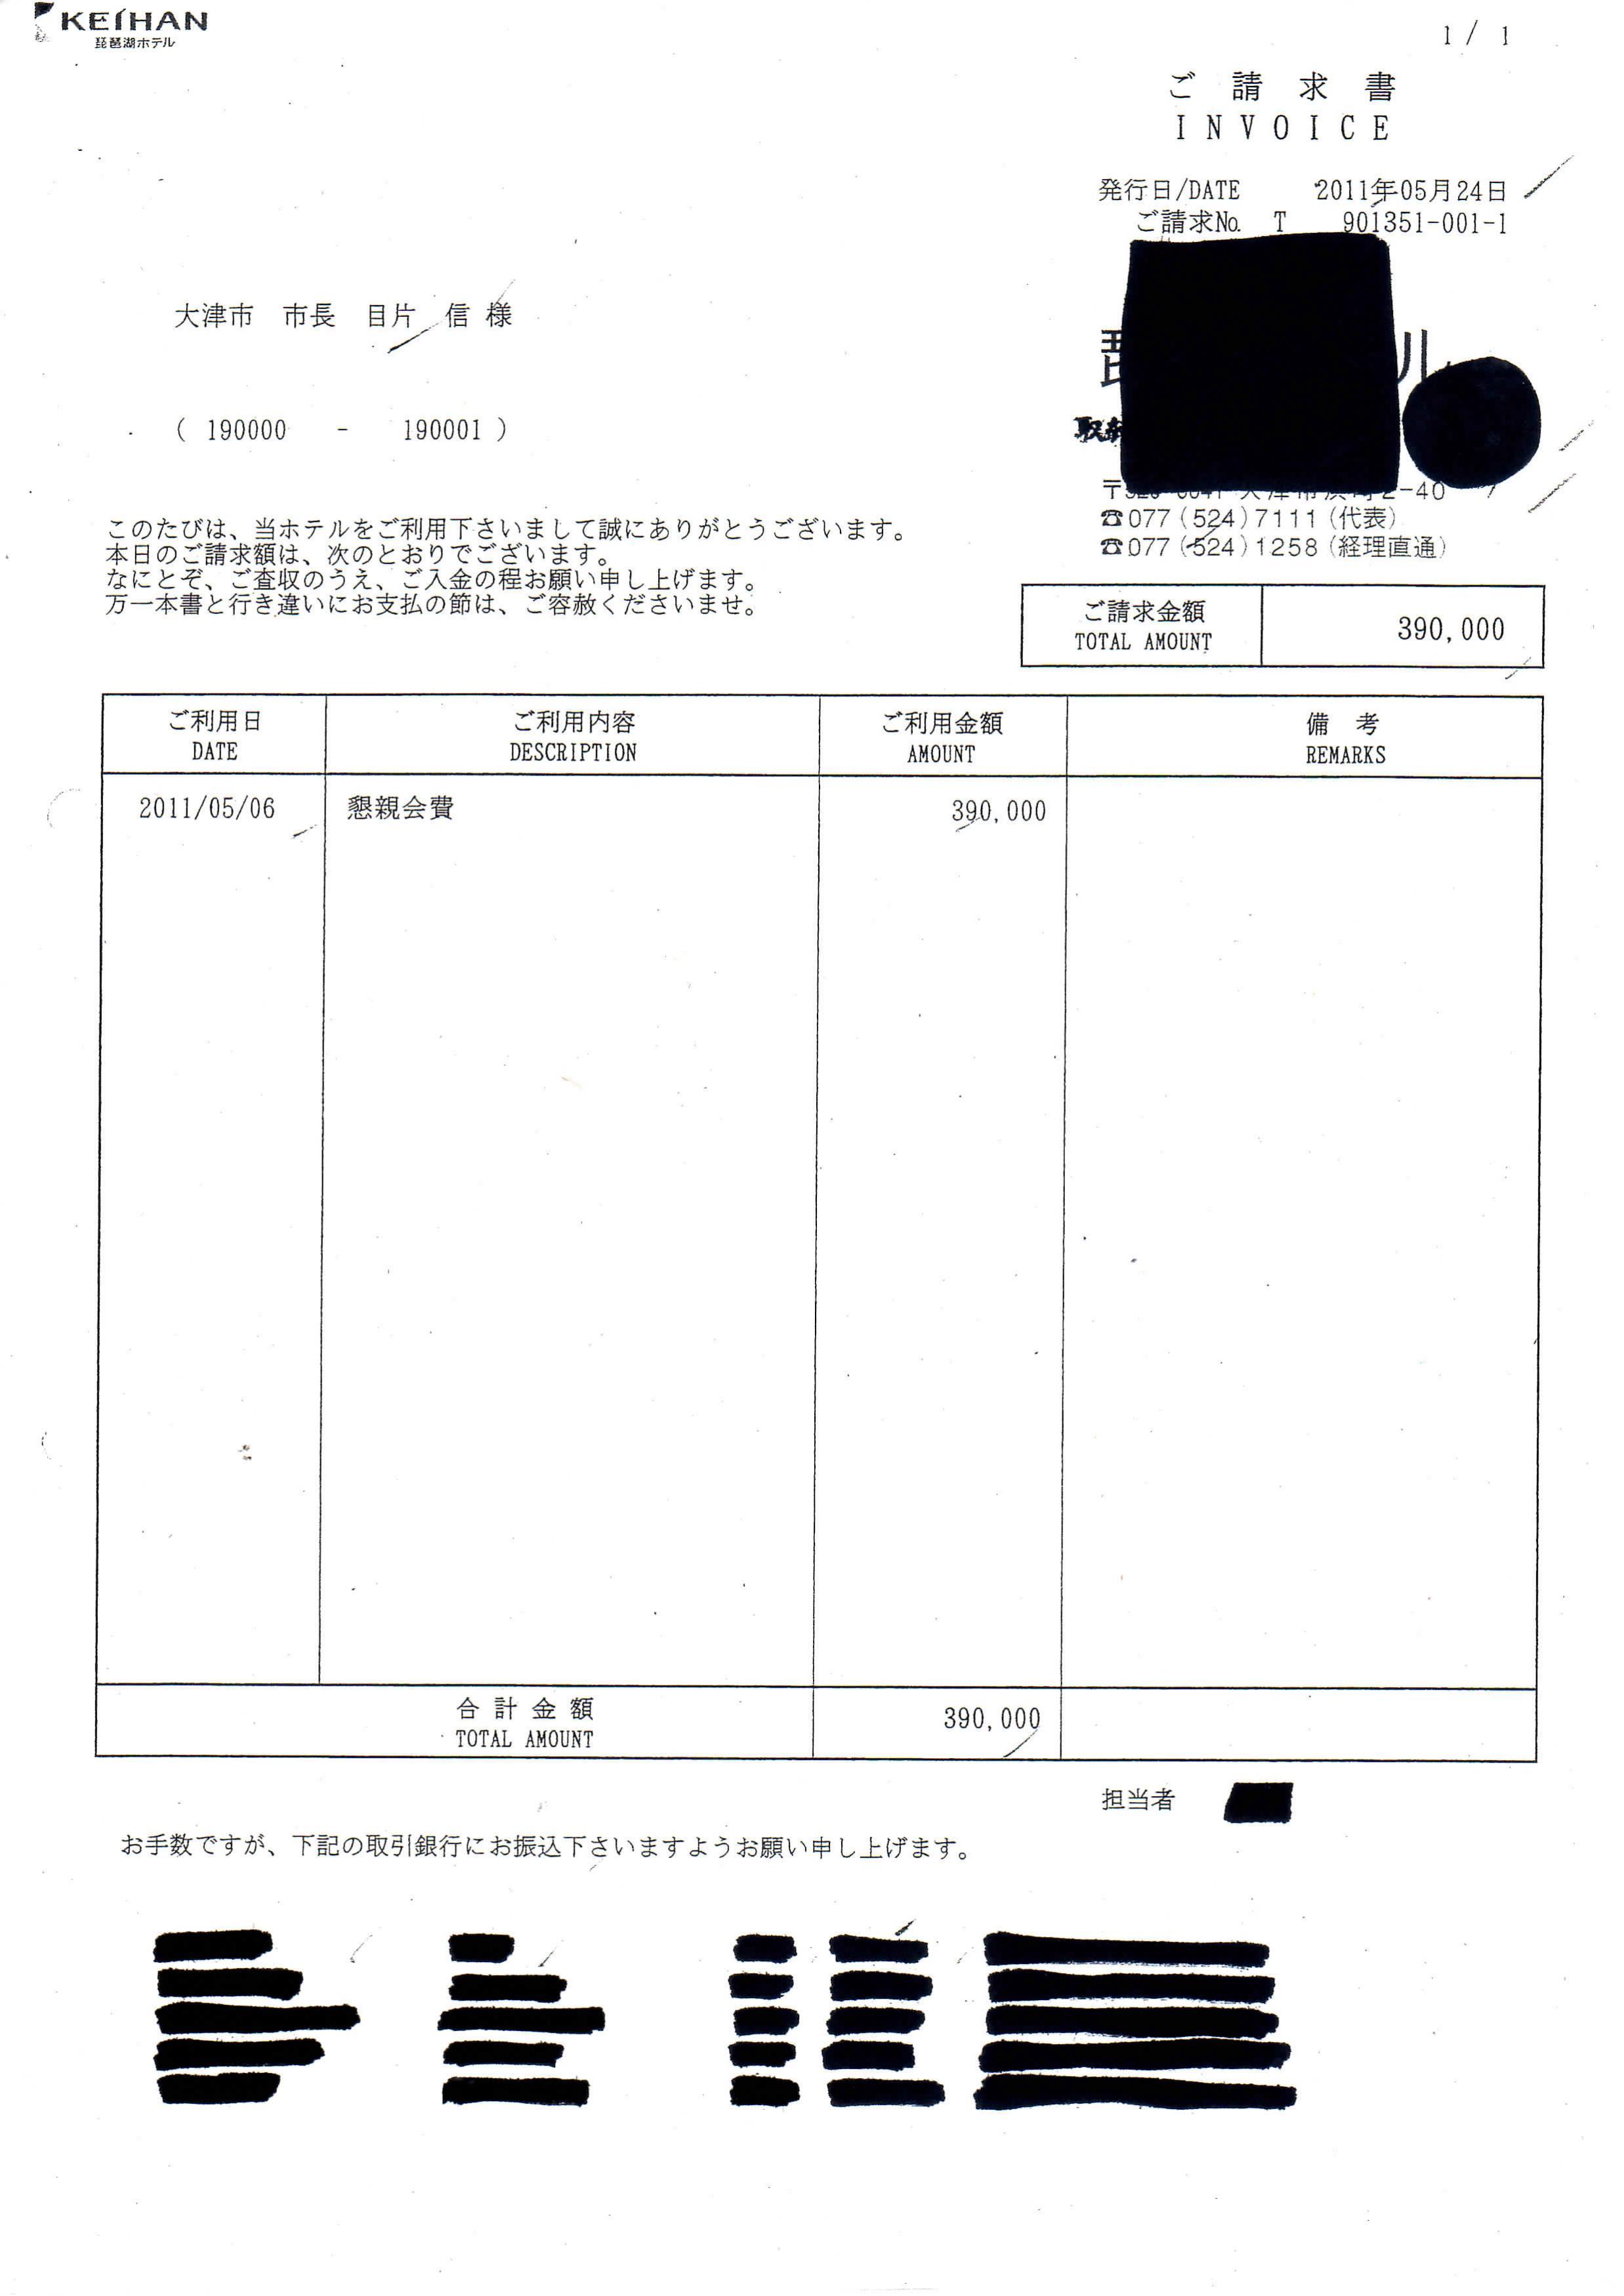 2011年大津市と自治連の懇談会費_01